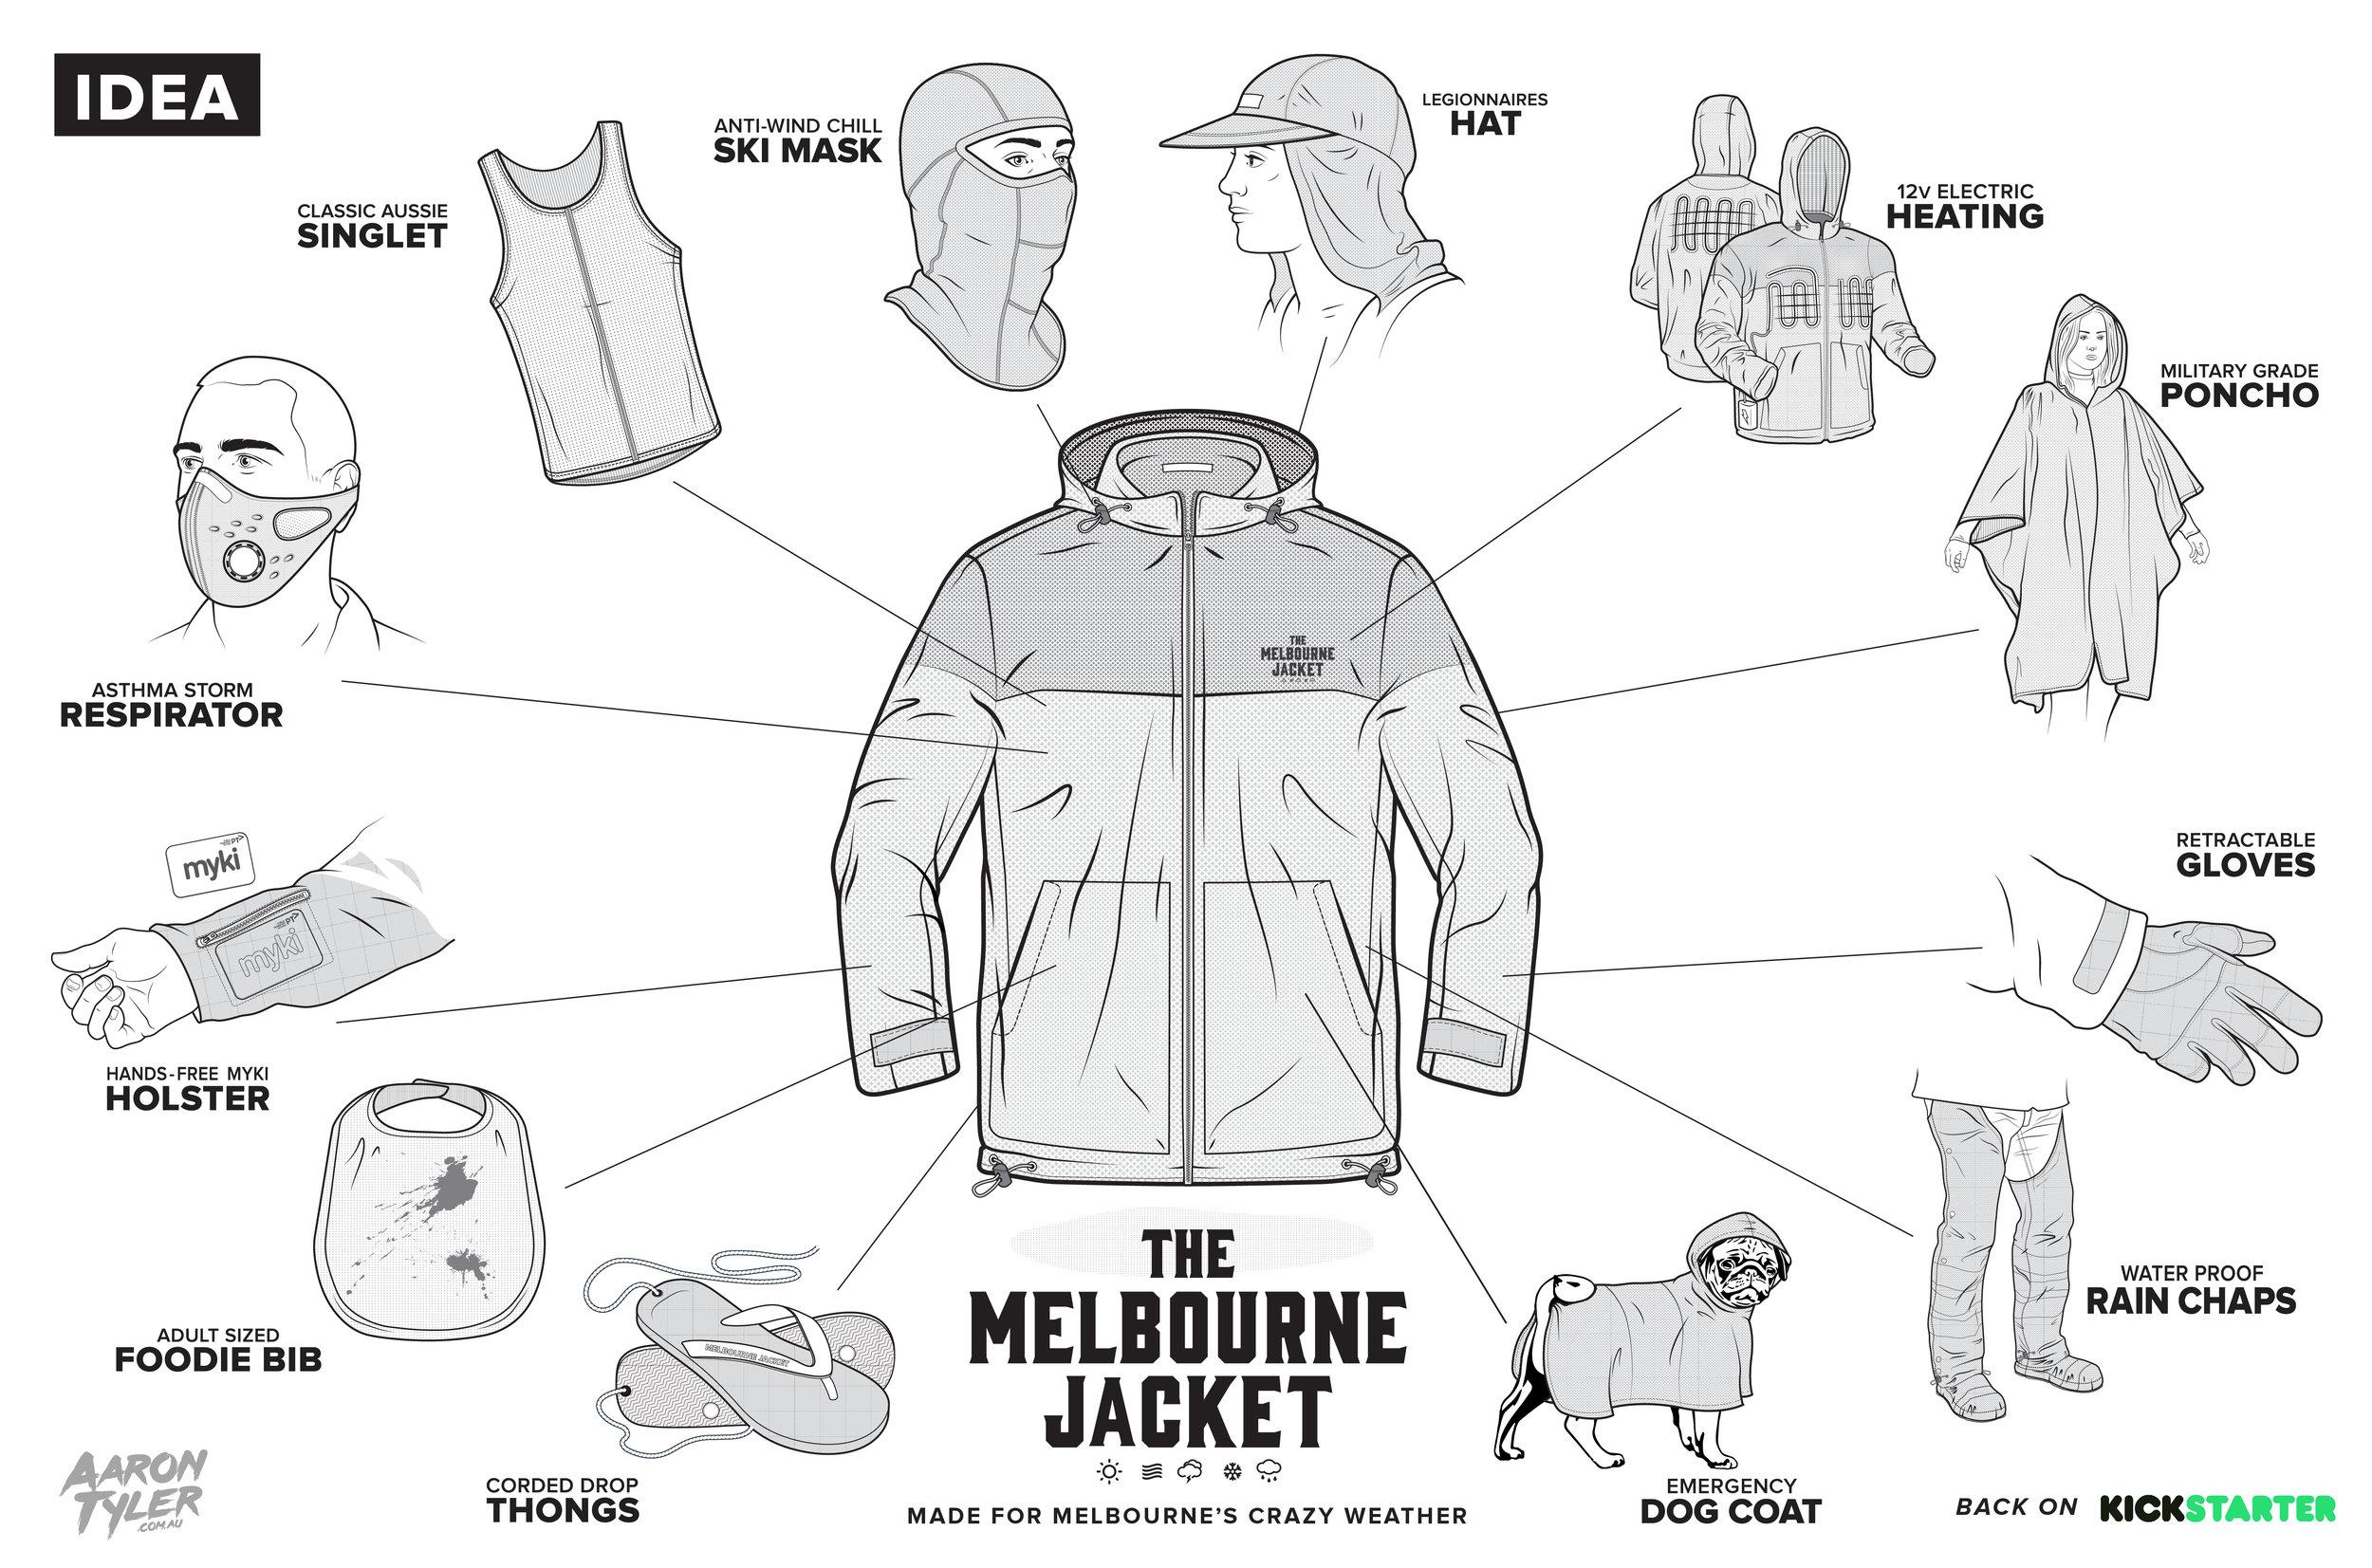 TheMelbourneJacket